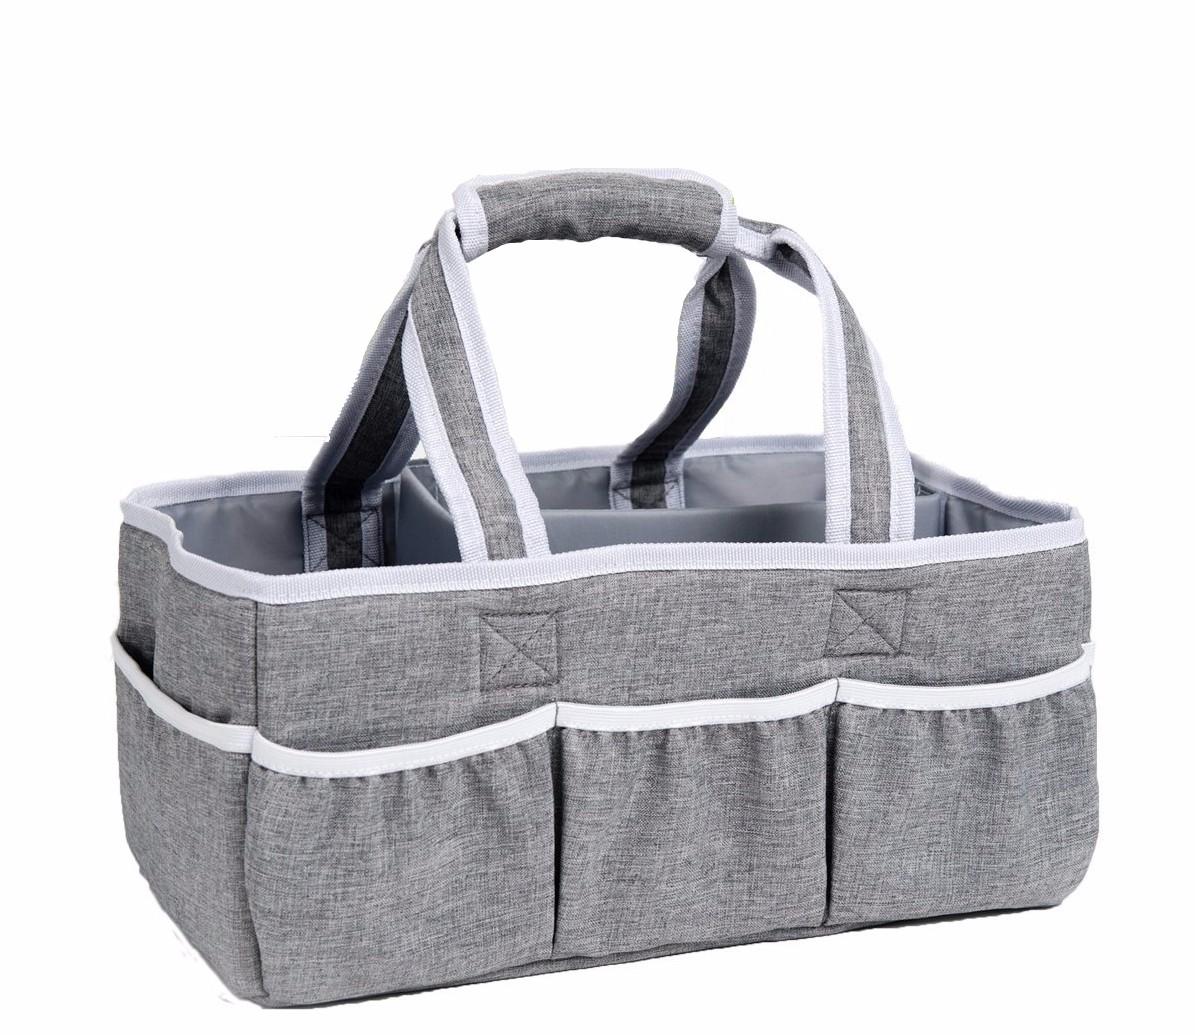 Caddy Organizer bag